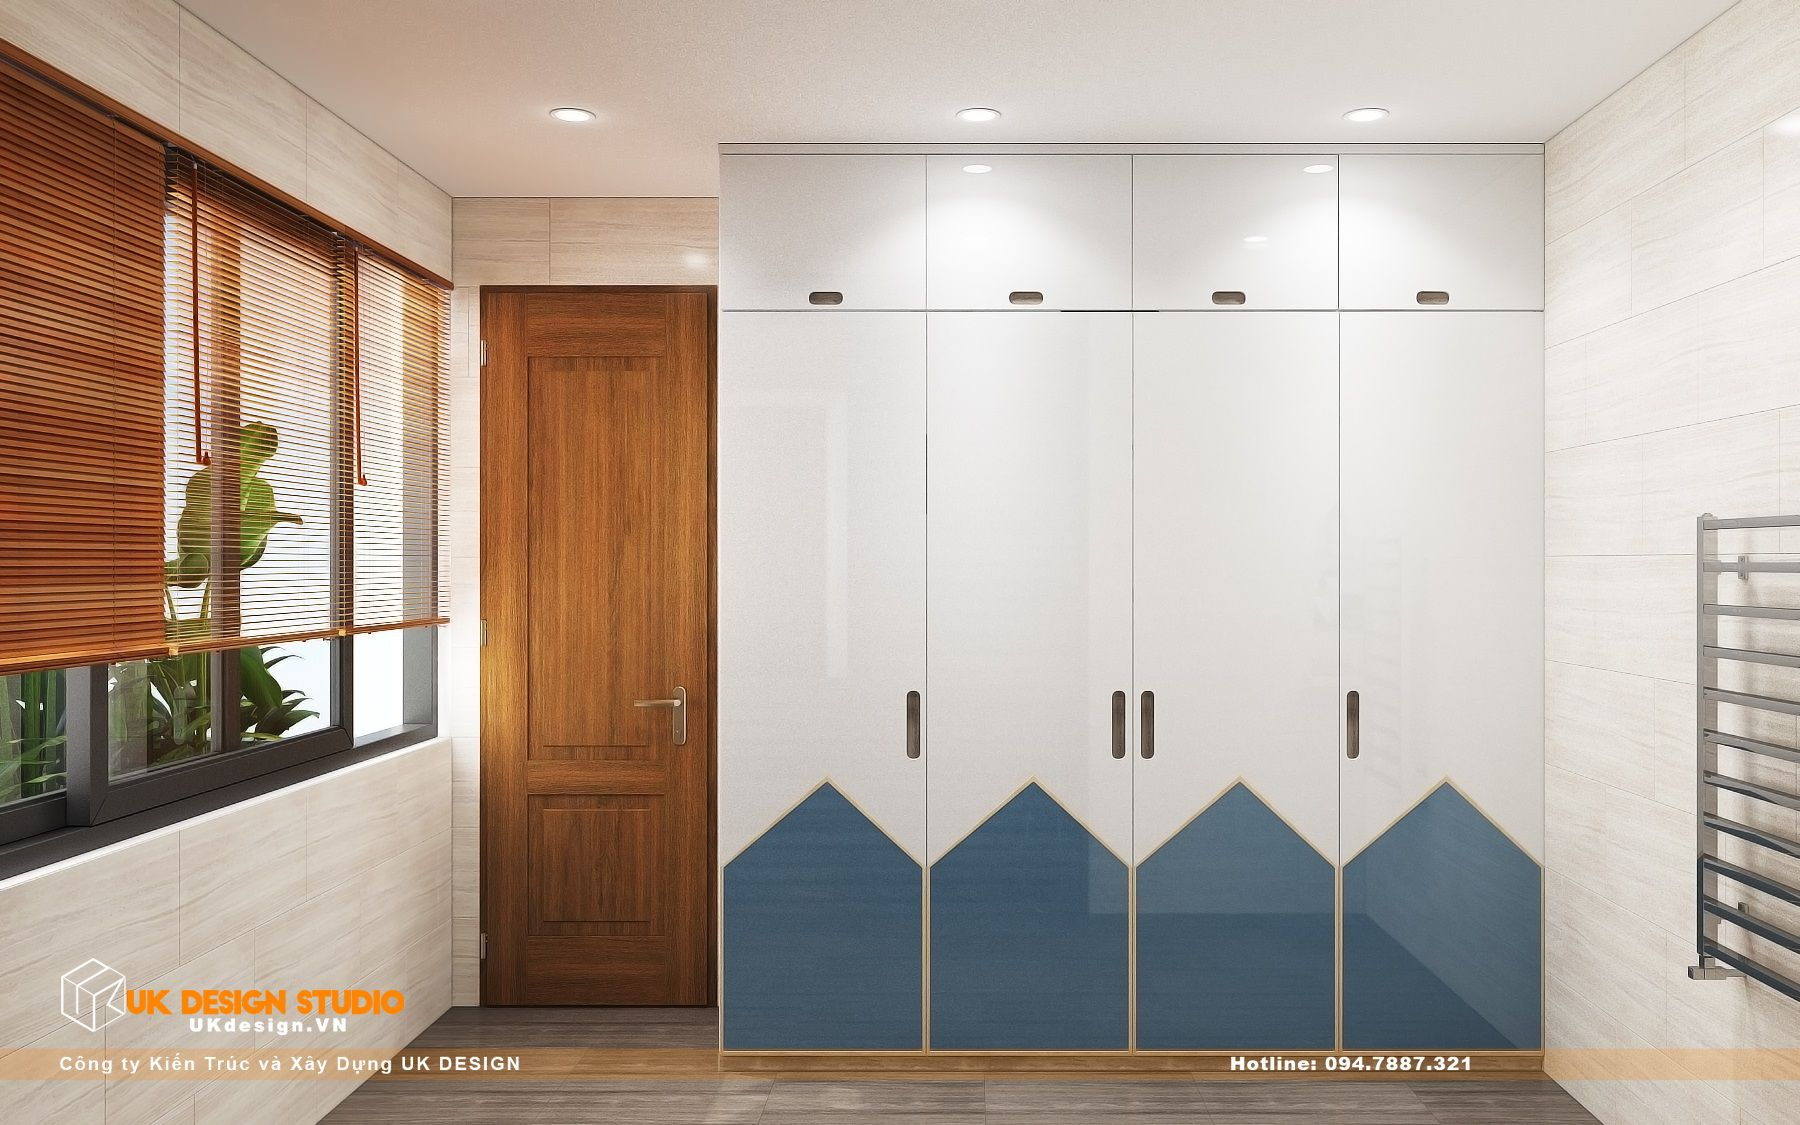 Thiết kế nội thất biệt thự nhà đẹp 3 tầng ở Quận 8 - Phòng ngủ con trai 16